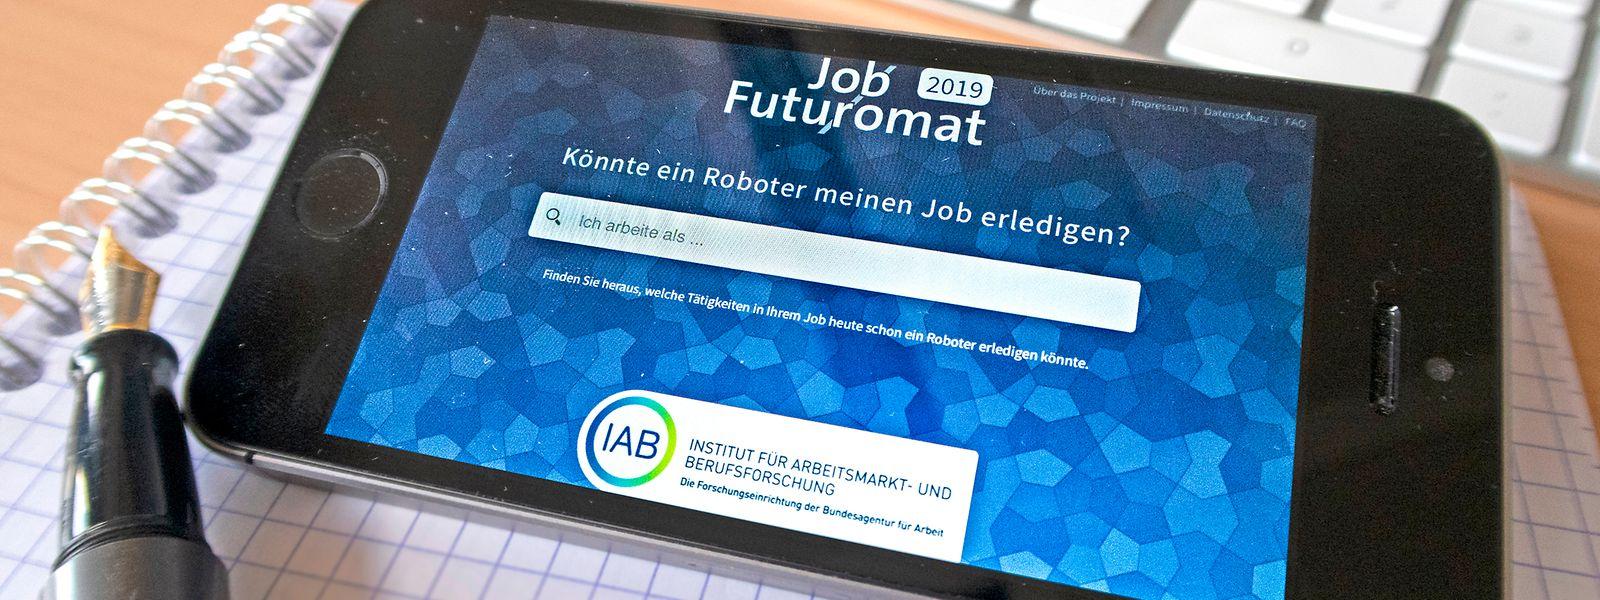 Die Digitalisierung schreitet voran: Inwiefern die Tätigkeiten eines Berufes von einem Roboter übernommen werden können, zeigt ein Online-Tool der deutschen Bundesagentur für Arbeit.